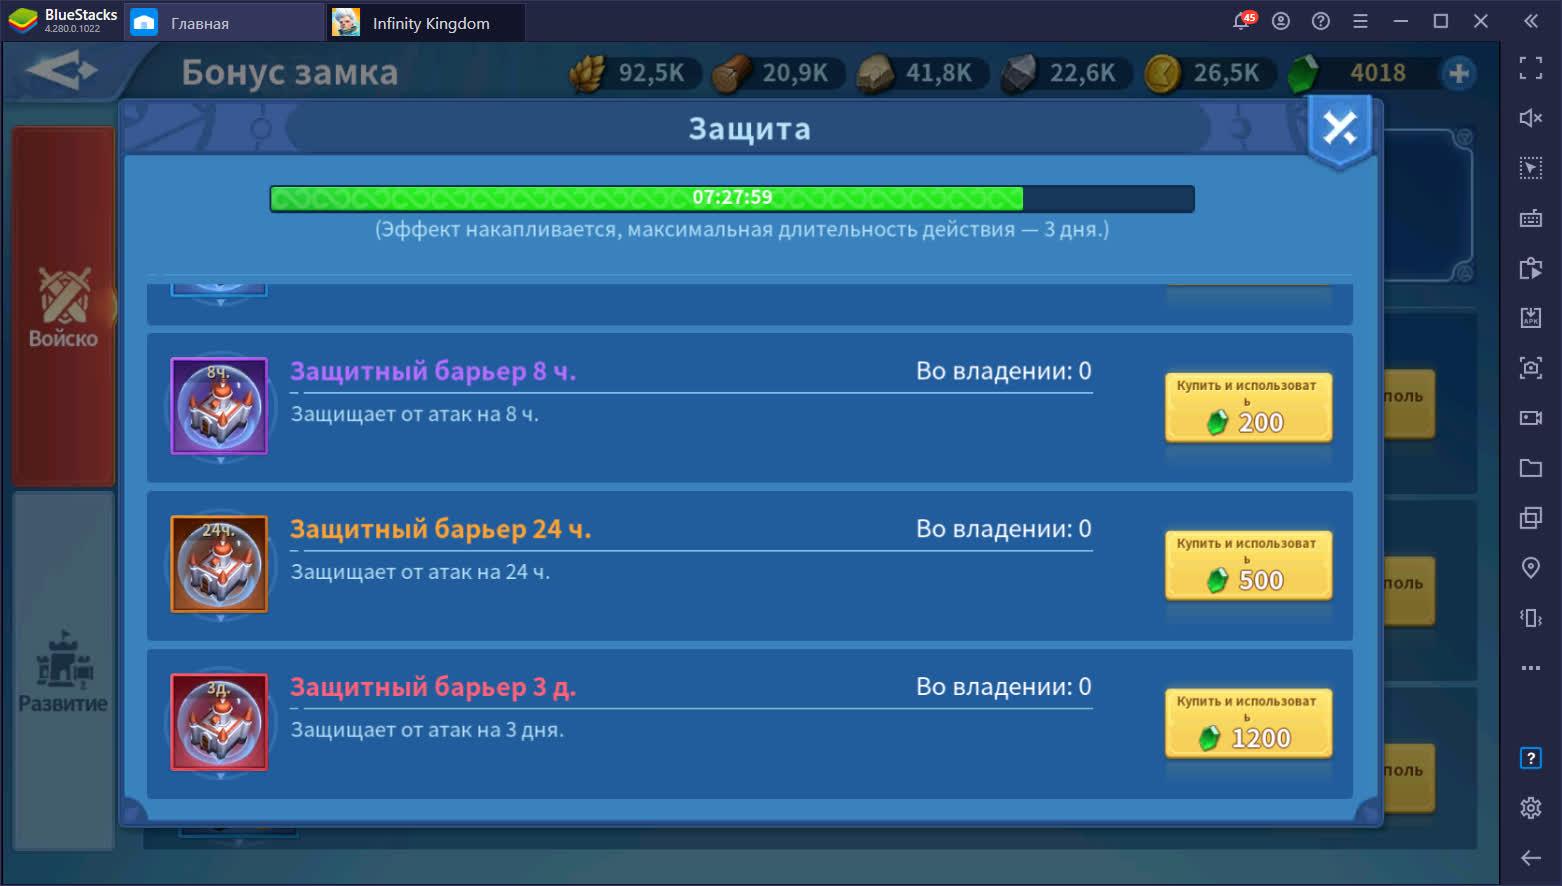 Лучший старт! 5 эффективных советов для начала игры в Infinity Kingdom